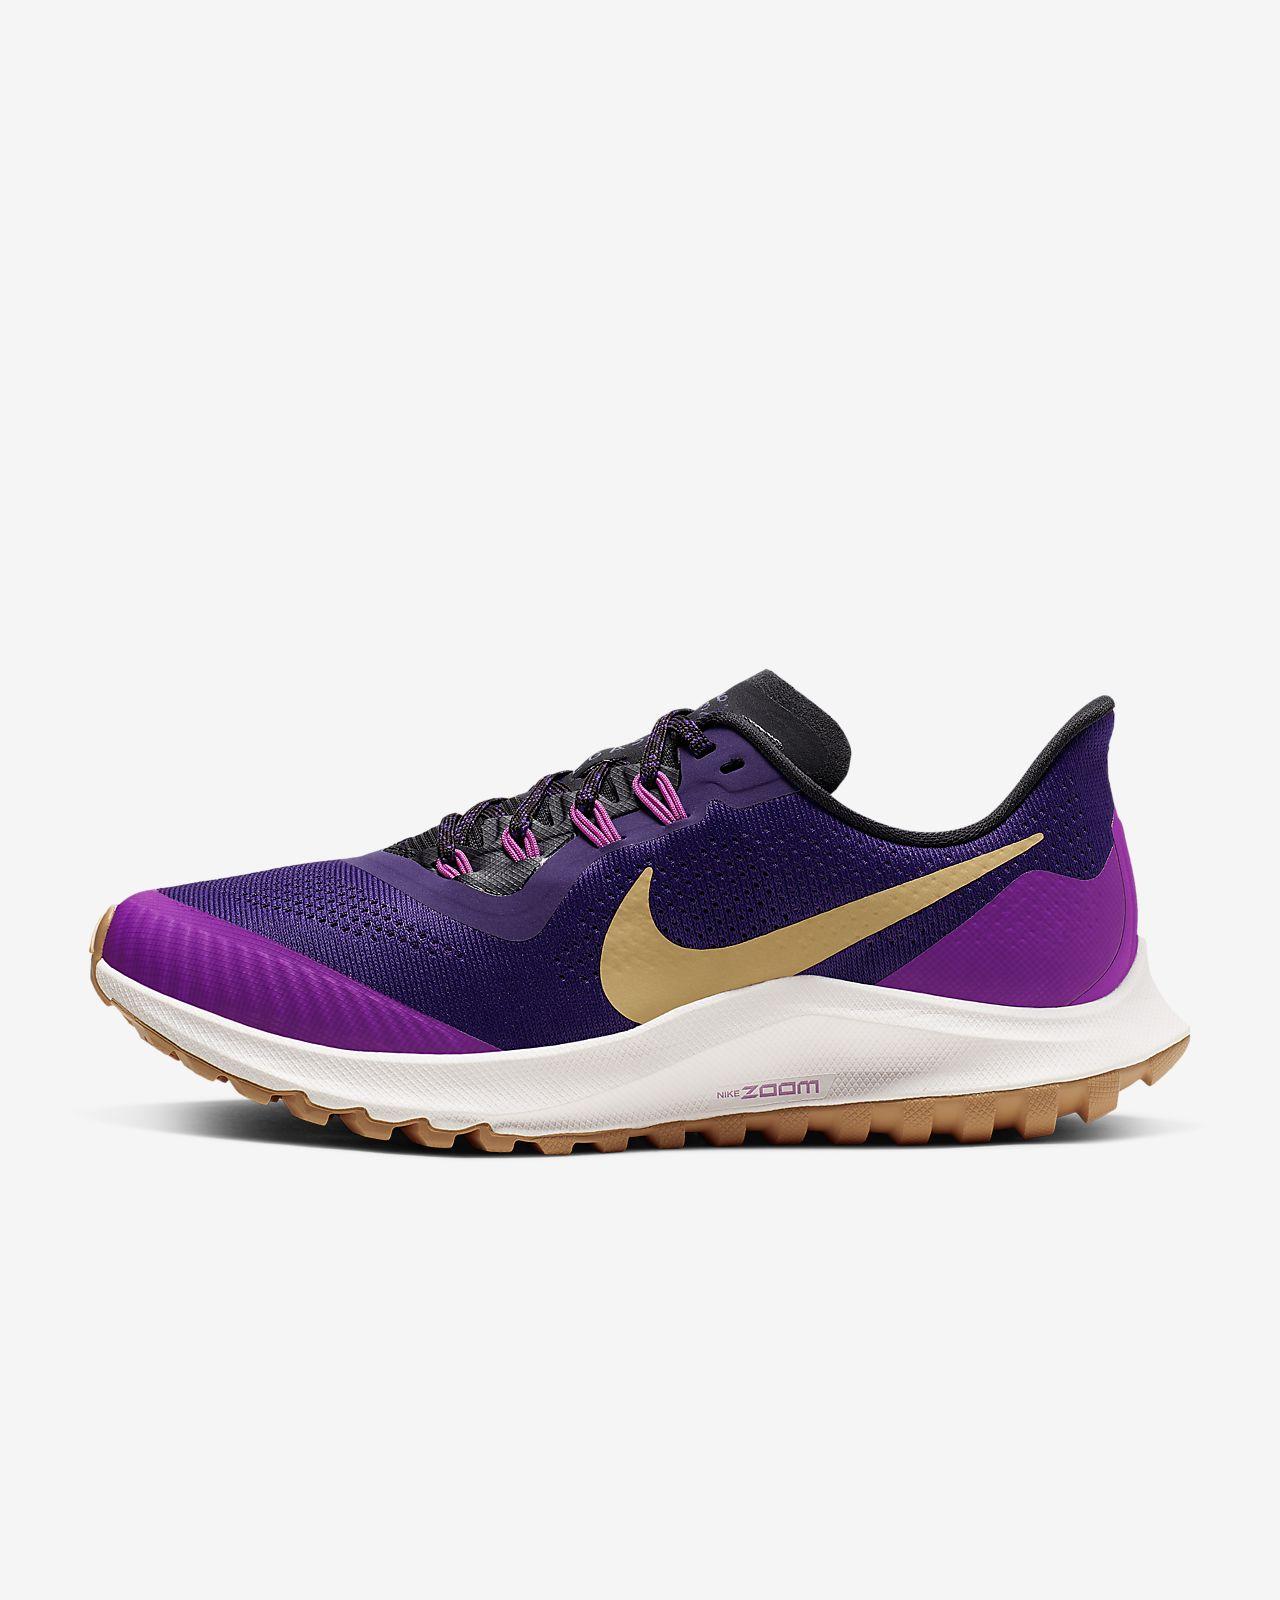 Nike Air Zoom Pegasus 36 Trail Hardloopschoen voor dames